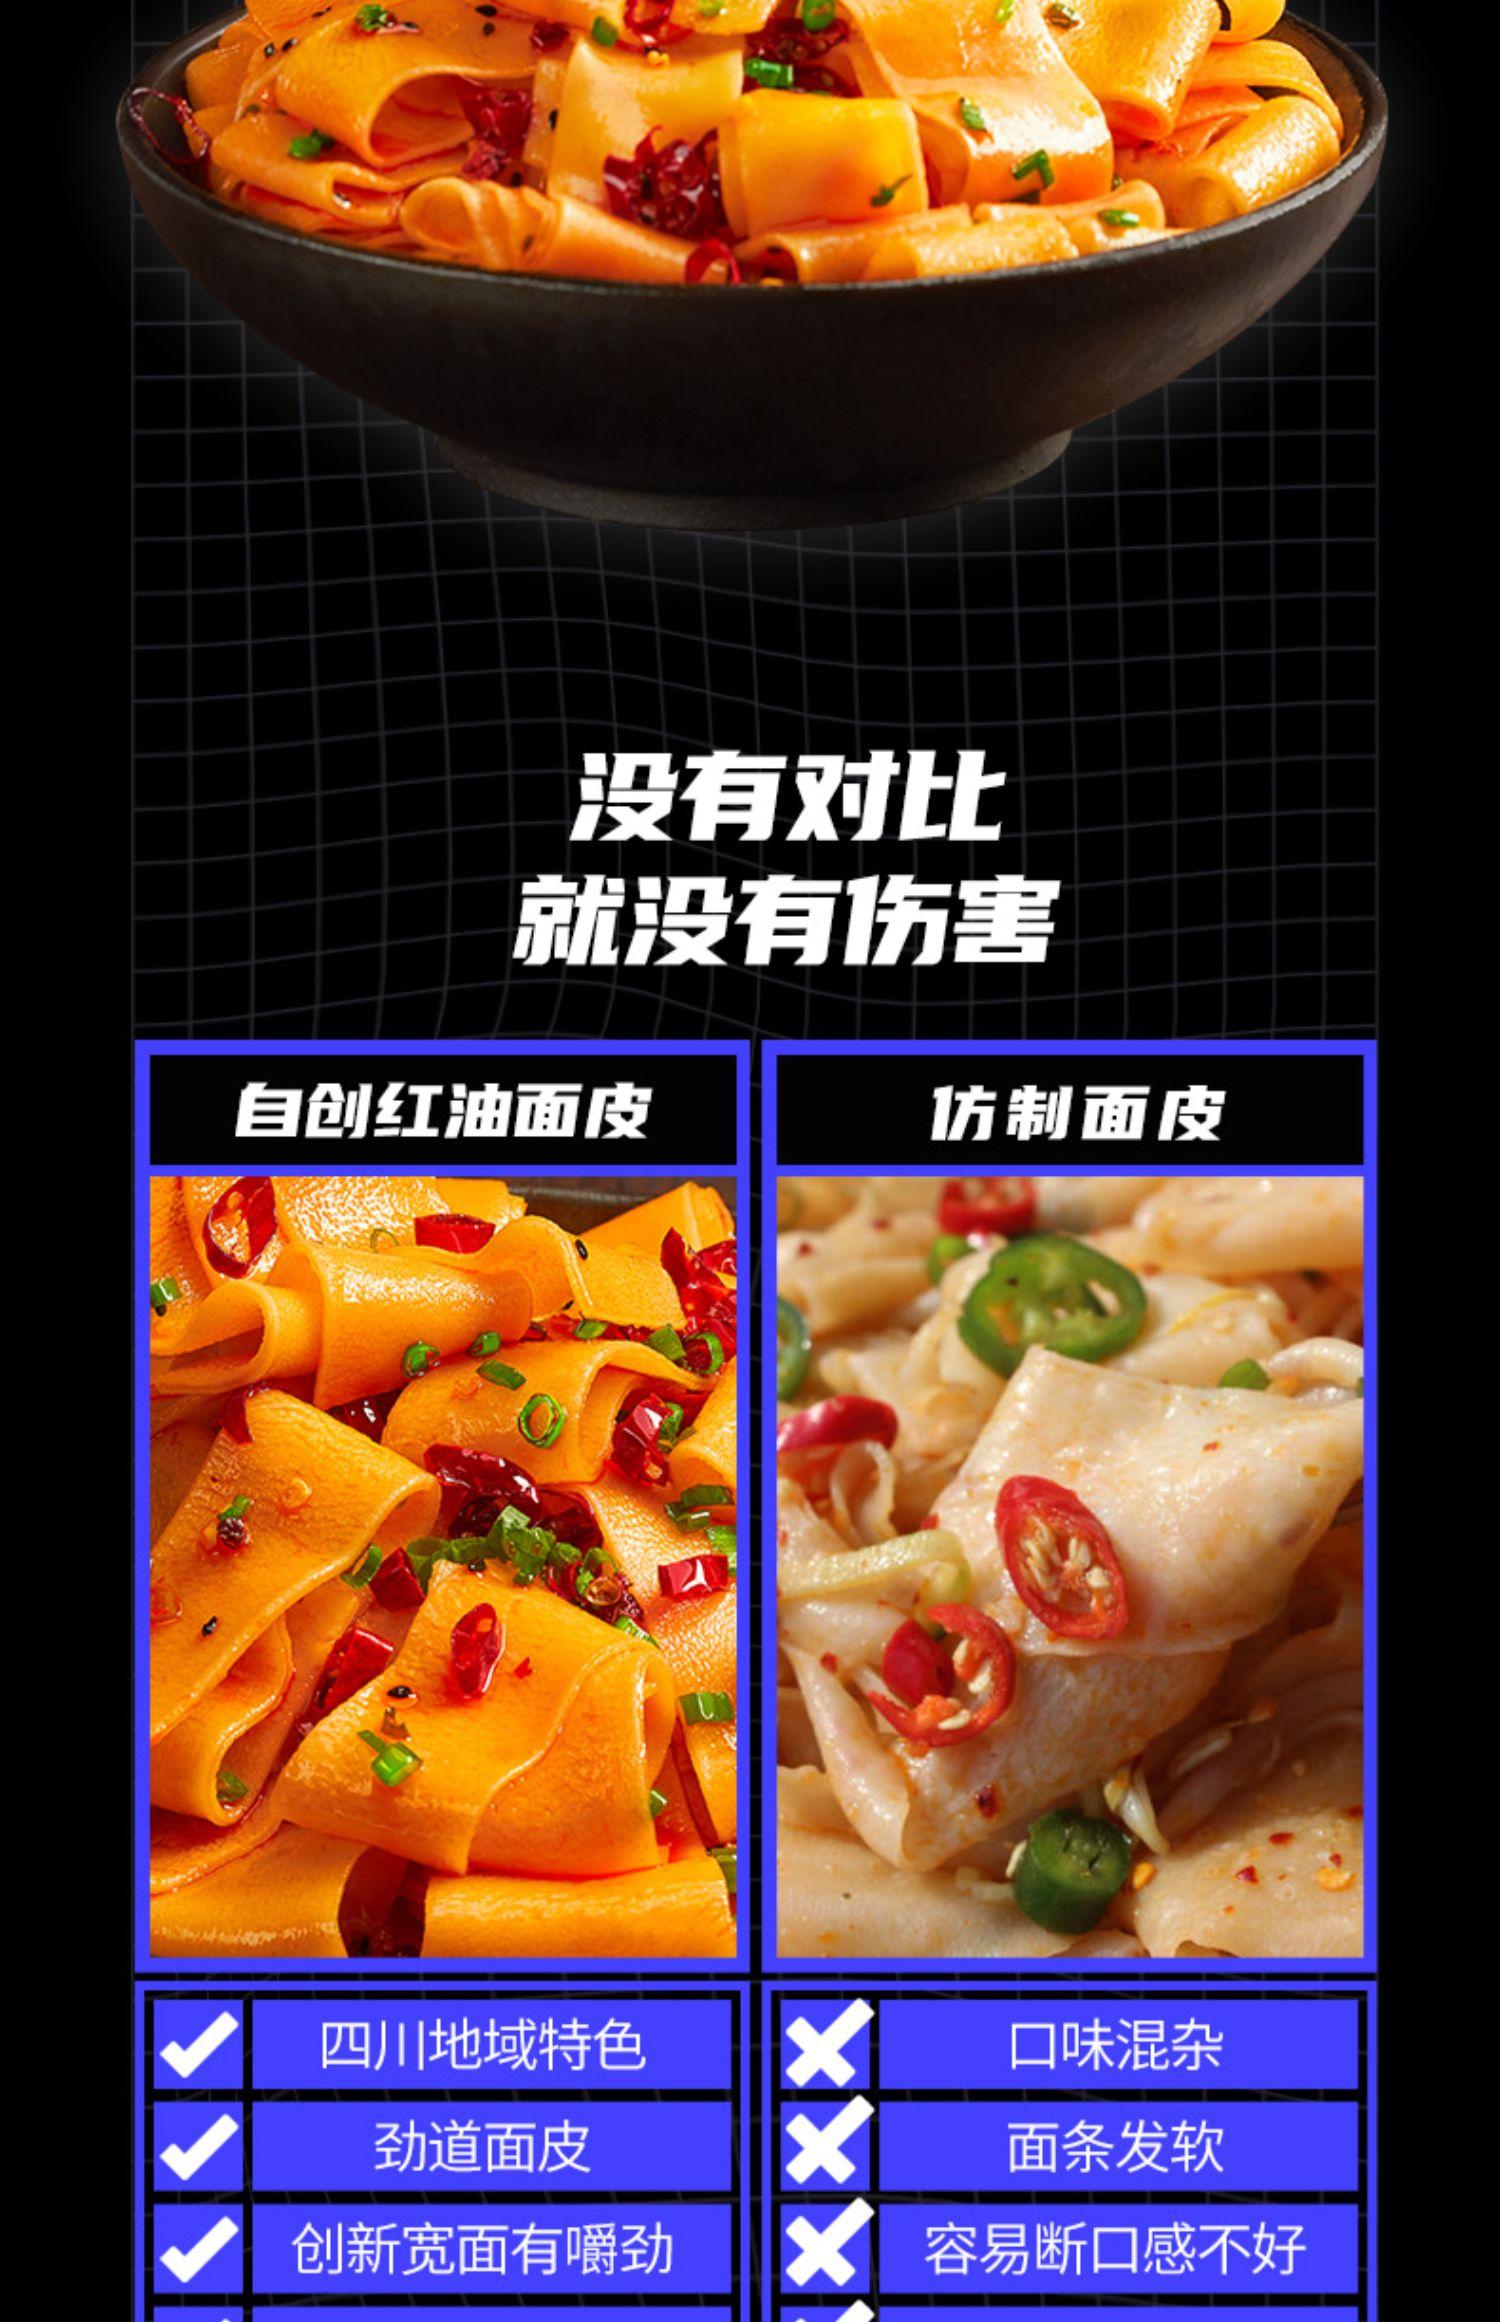 【送十袋榨菜】阿宽速食干拌红油面皮10袋9